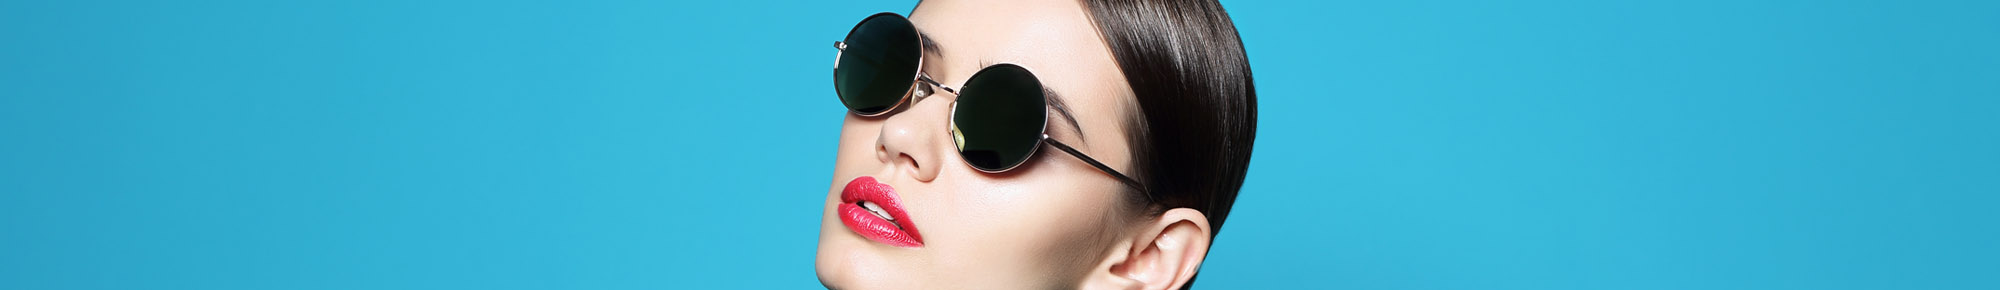 557d62f7e نظارات شمسية وبصريات في البحرين | سيتي سنتر البحرين